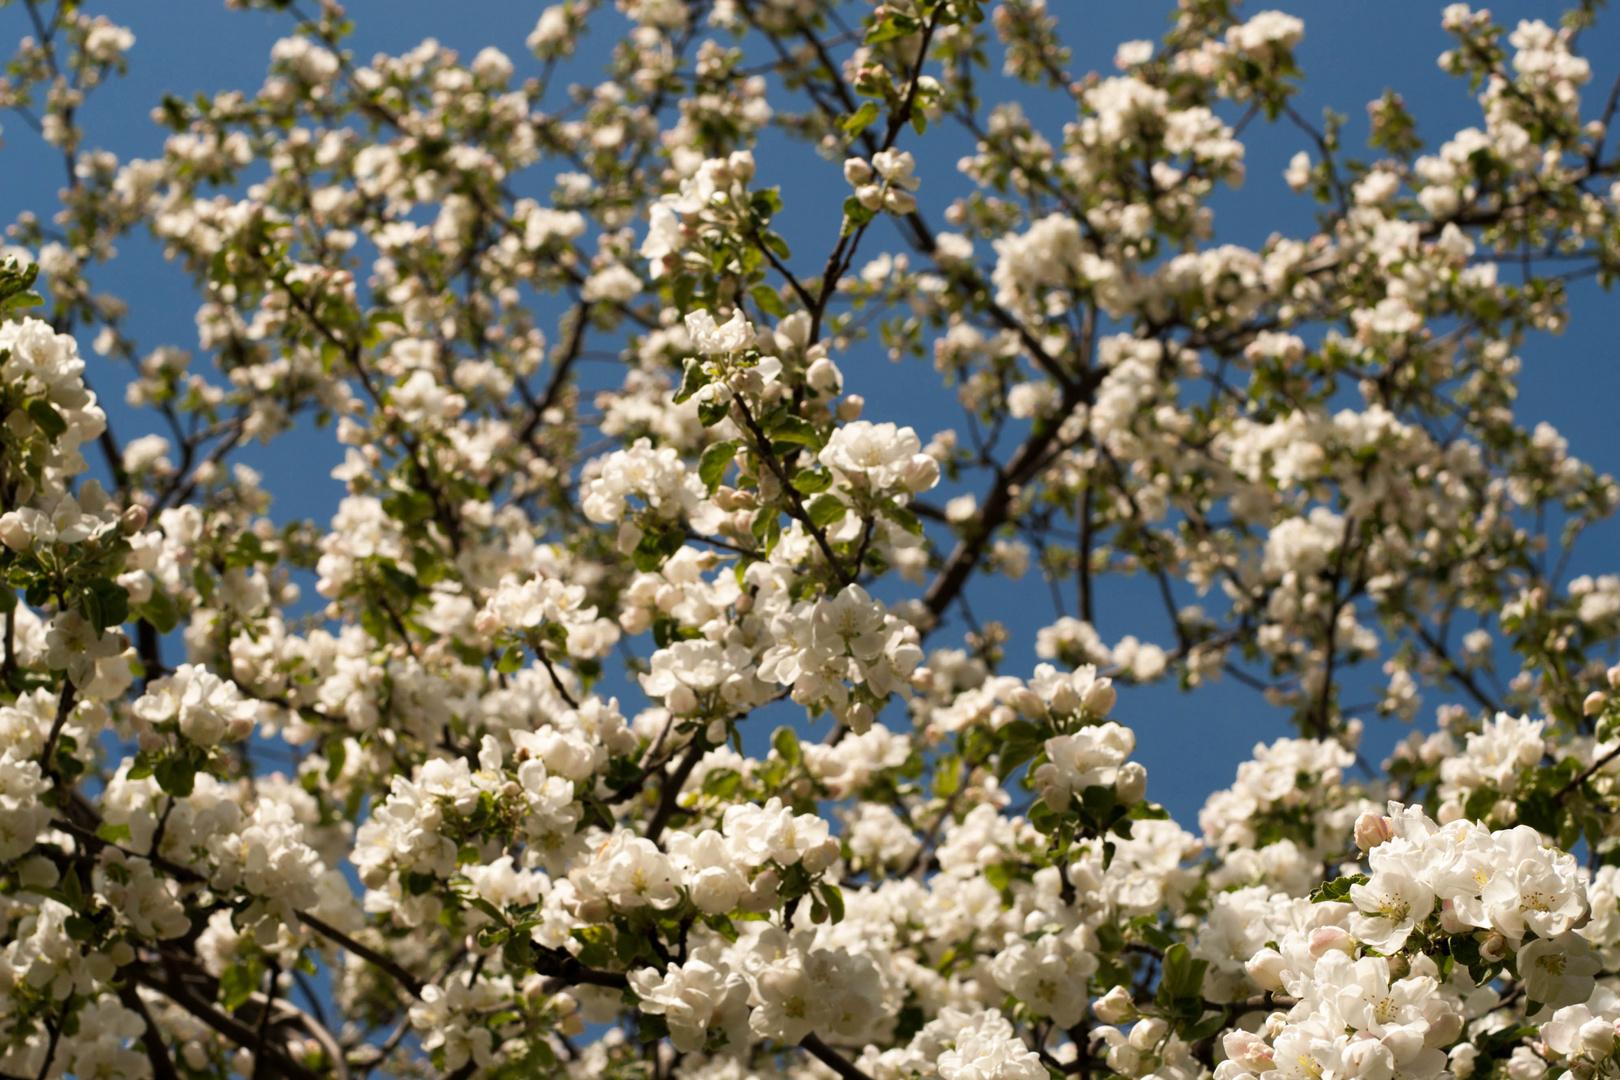 Sky in spring